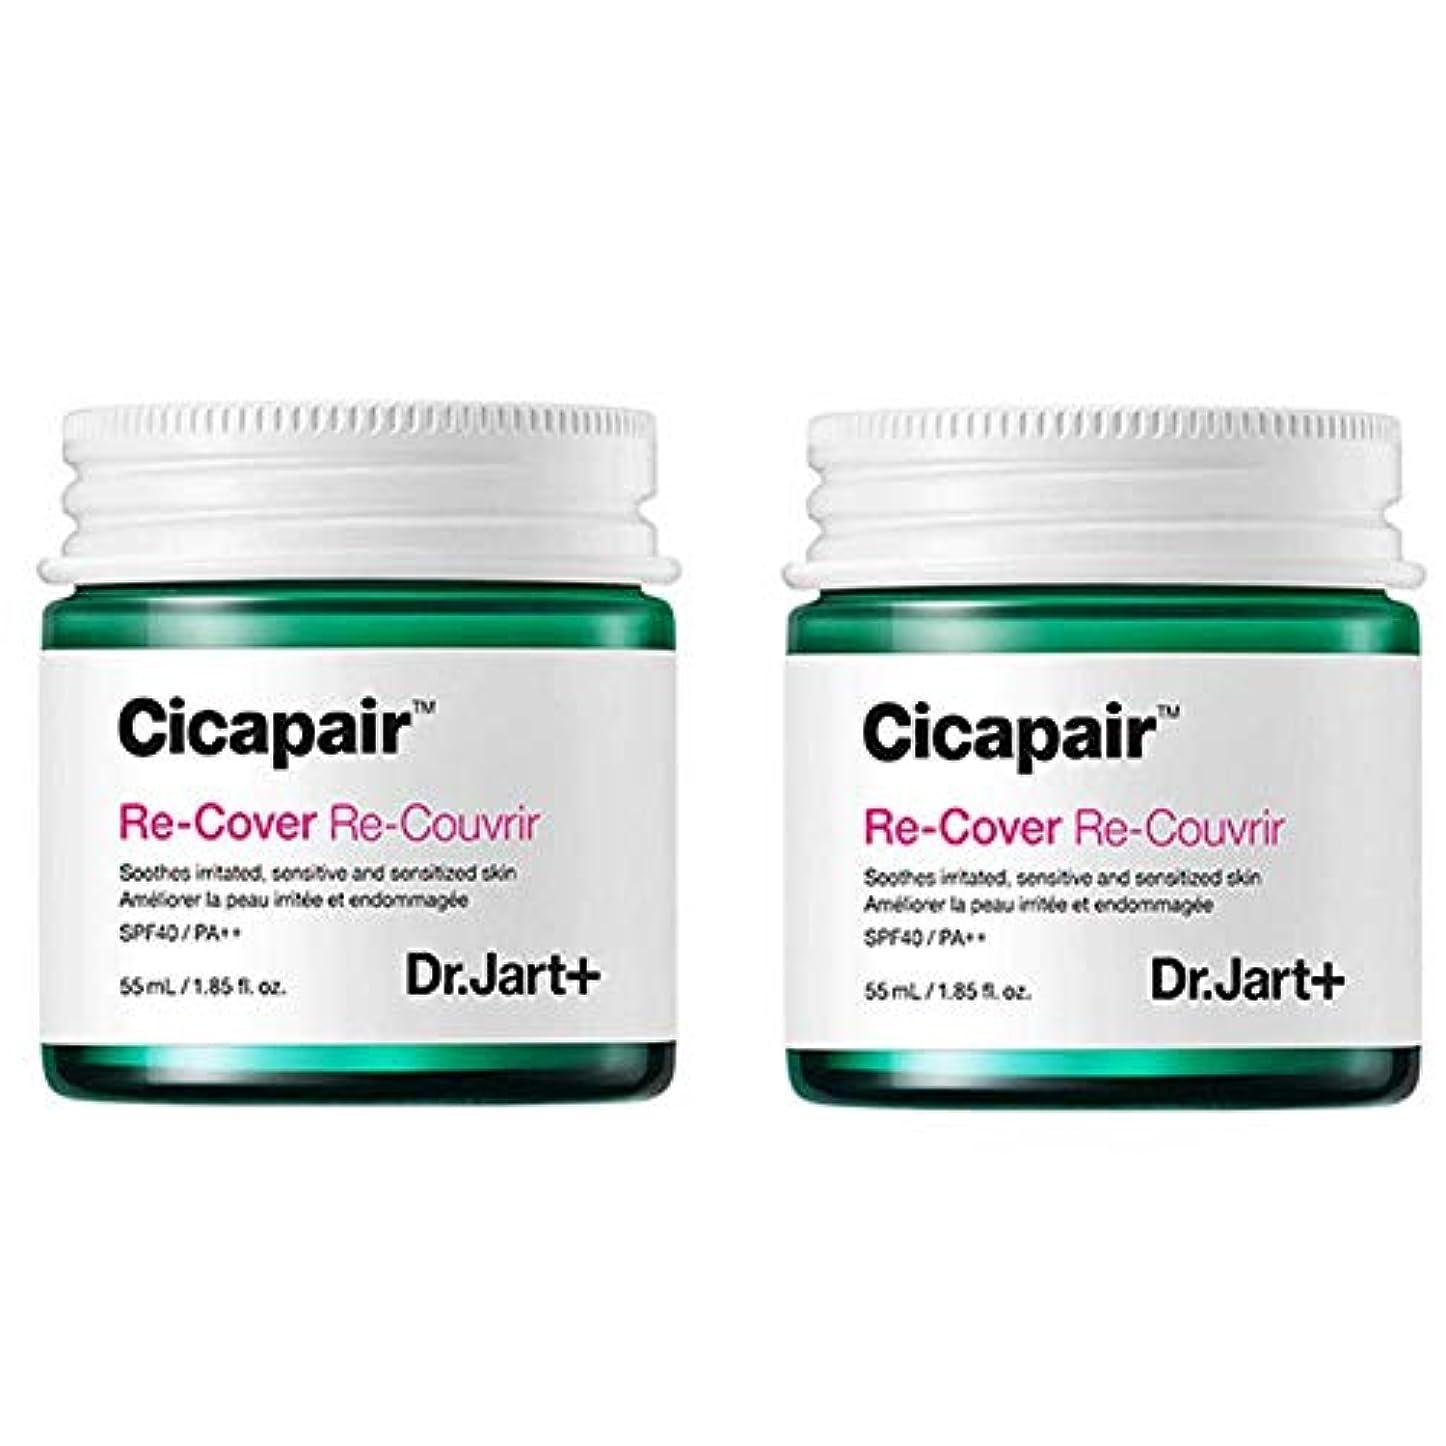 ブラケット後方に火山学Dr.Jart+ Cicapair ReCover X 2 ドクタージャルトシカペアリカバー X 2 (2代目)皮膚回復 紫外線カット 黄砂ケア [並行輸入品]